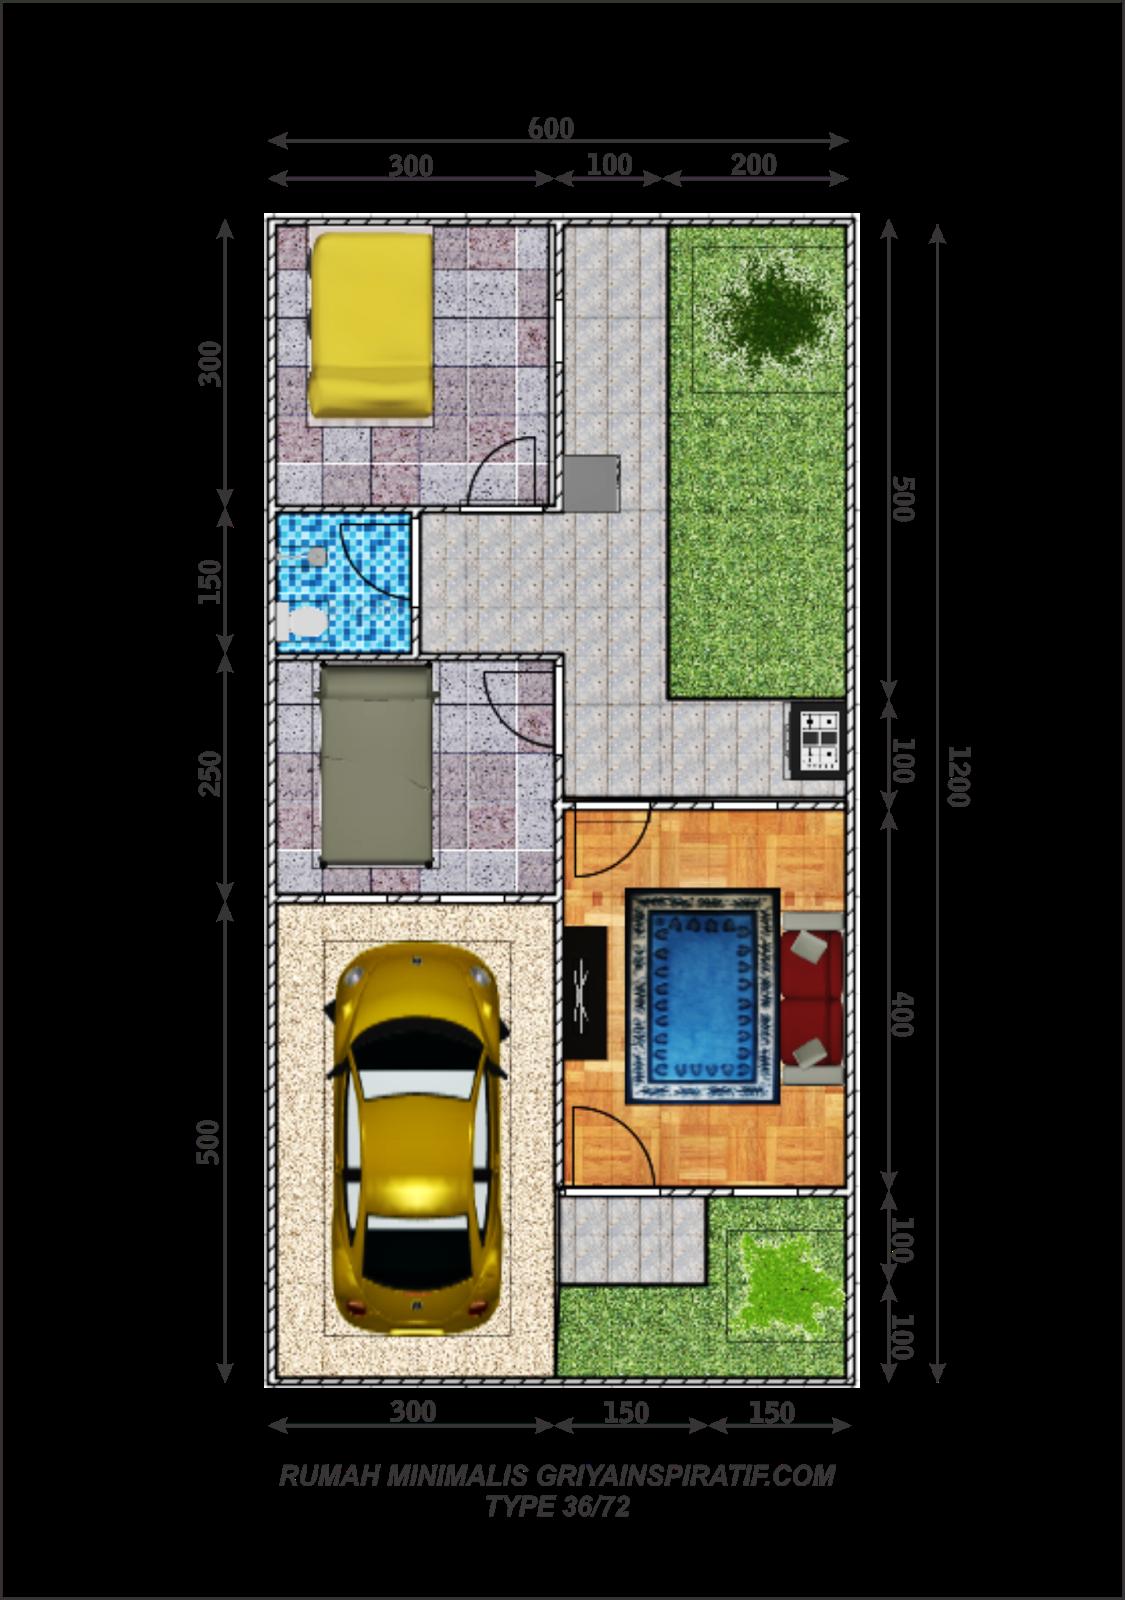 Desain Rumah Minimalis Type 36 72 - Content